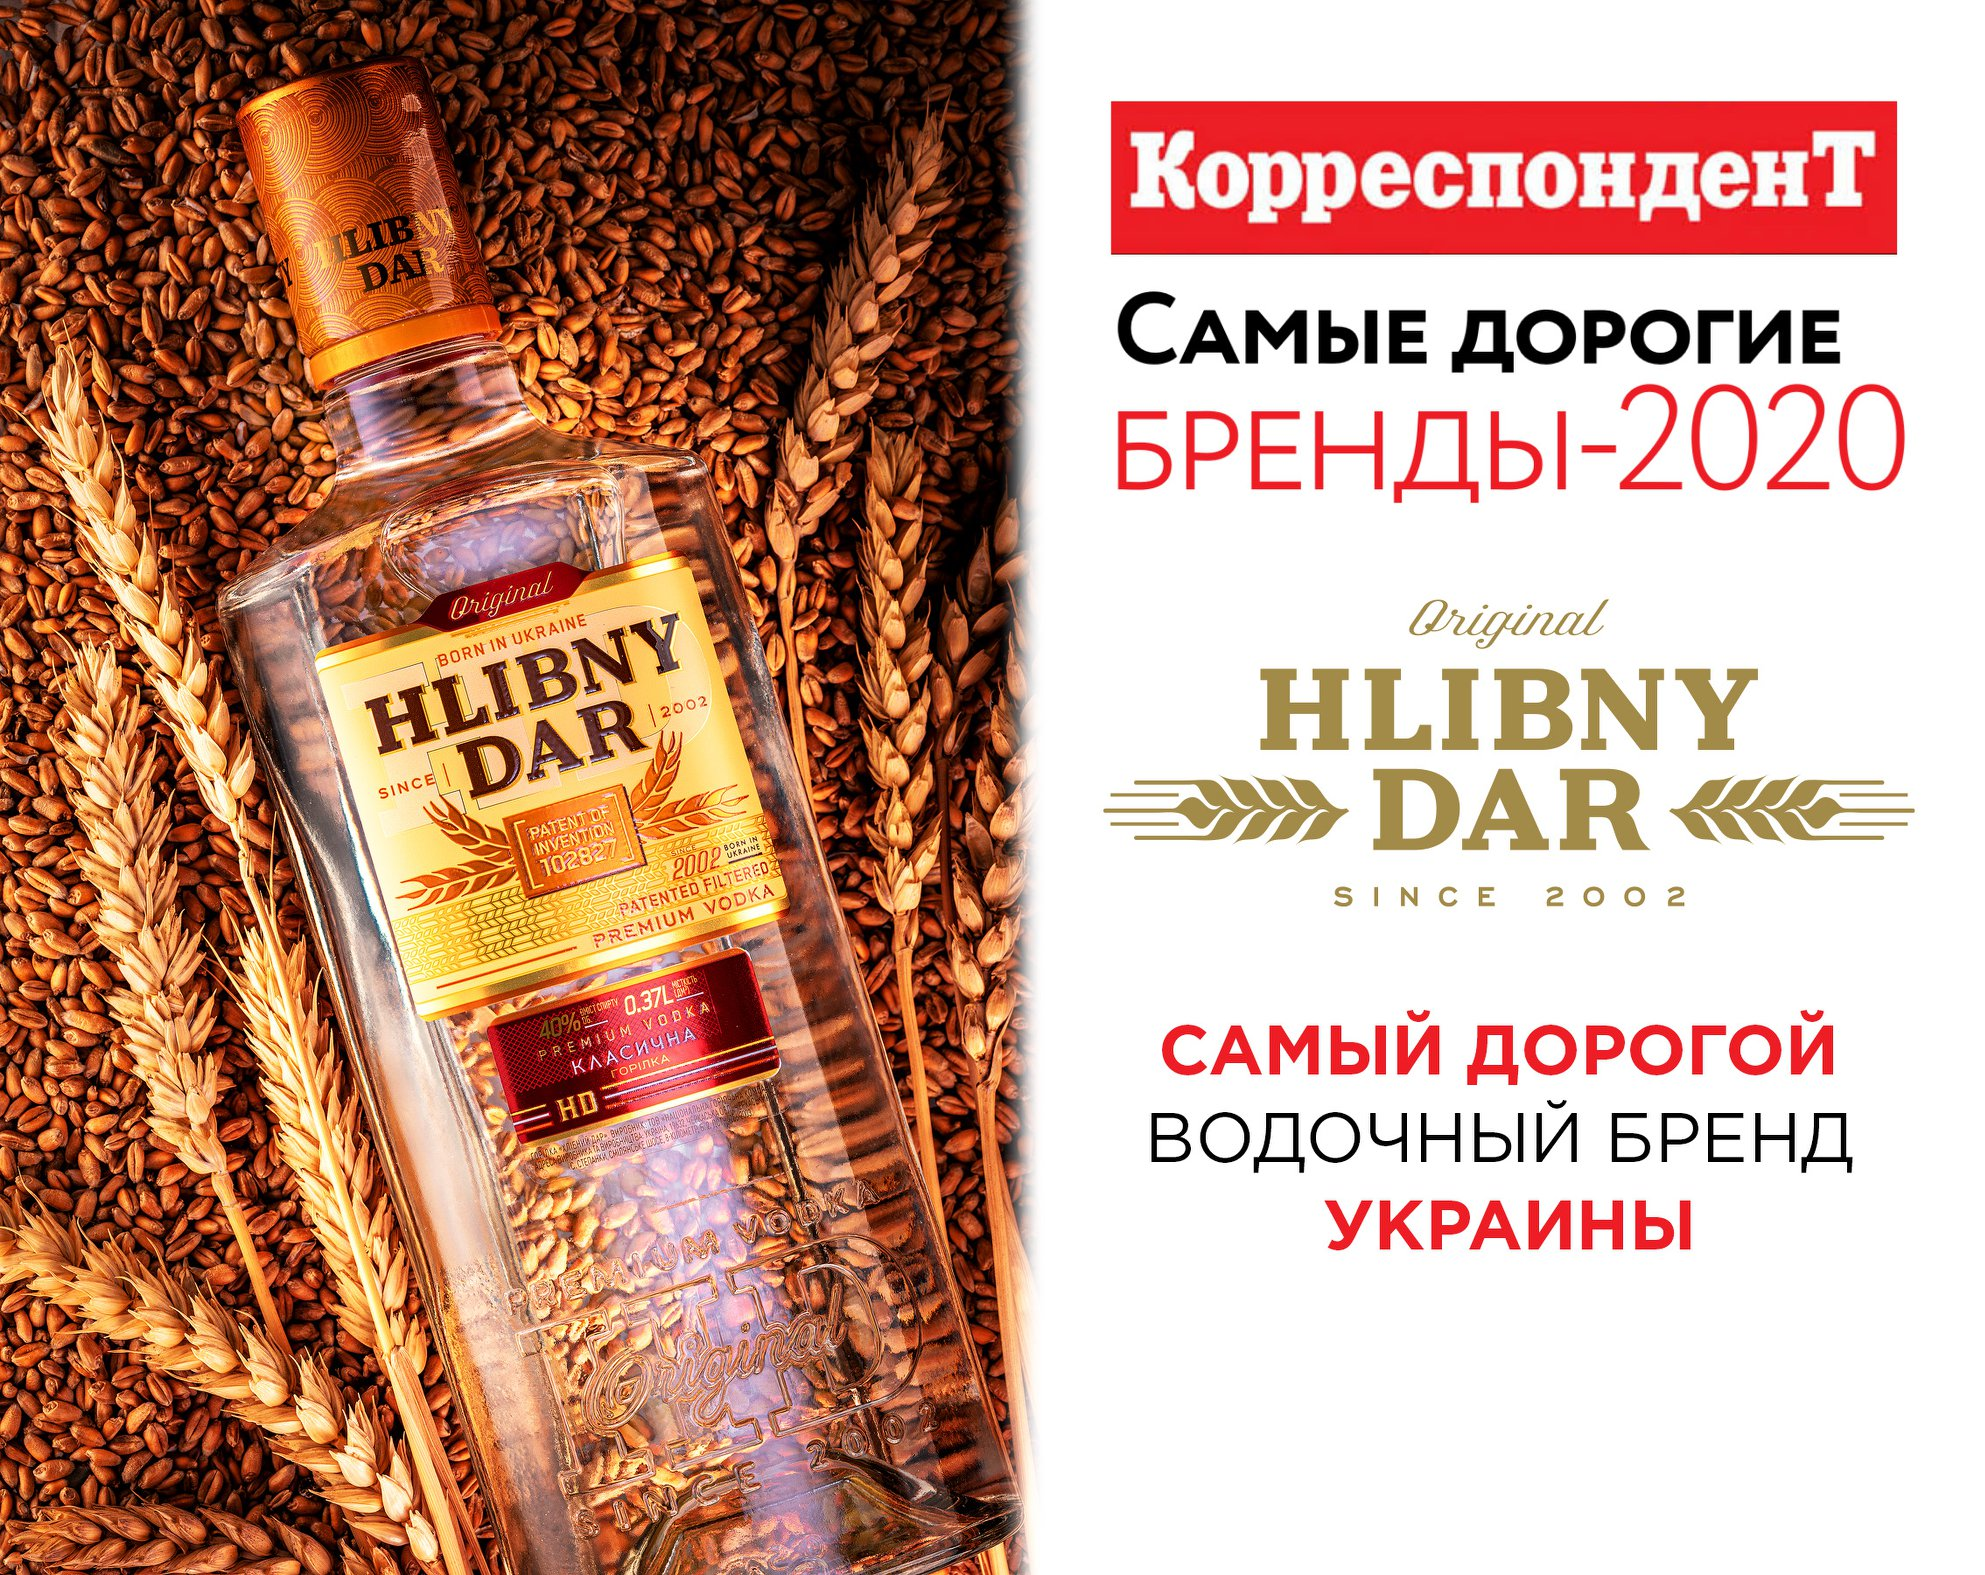 HLIBNY DAR - самый дорогой водочный бренд Украины